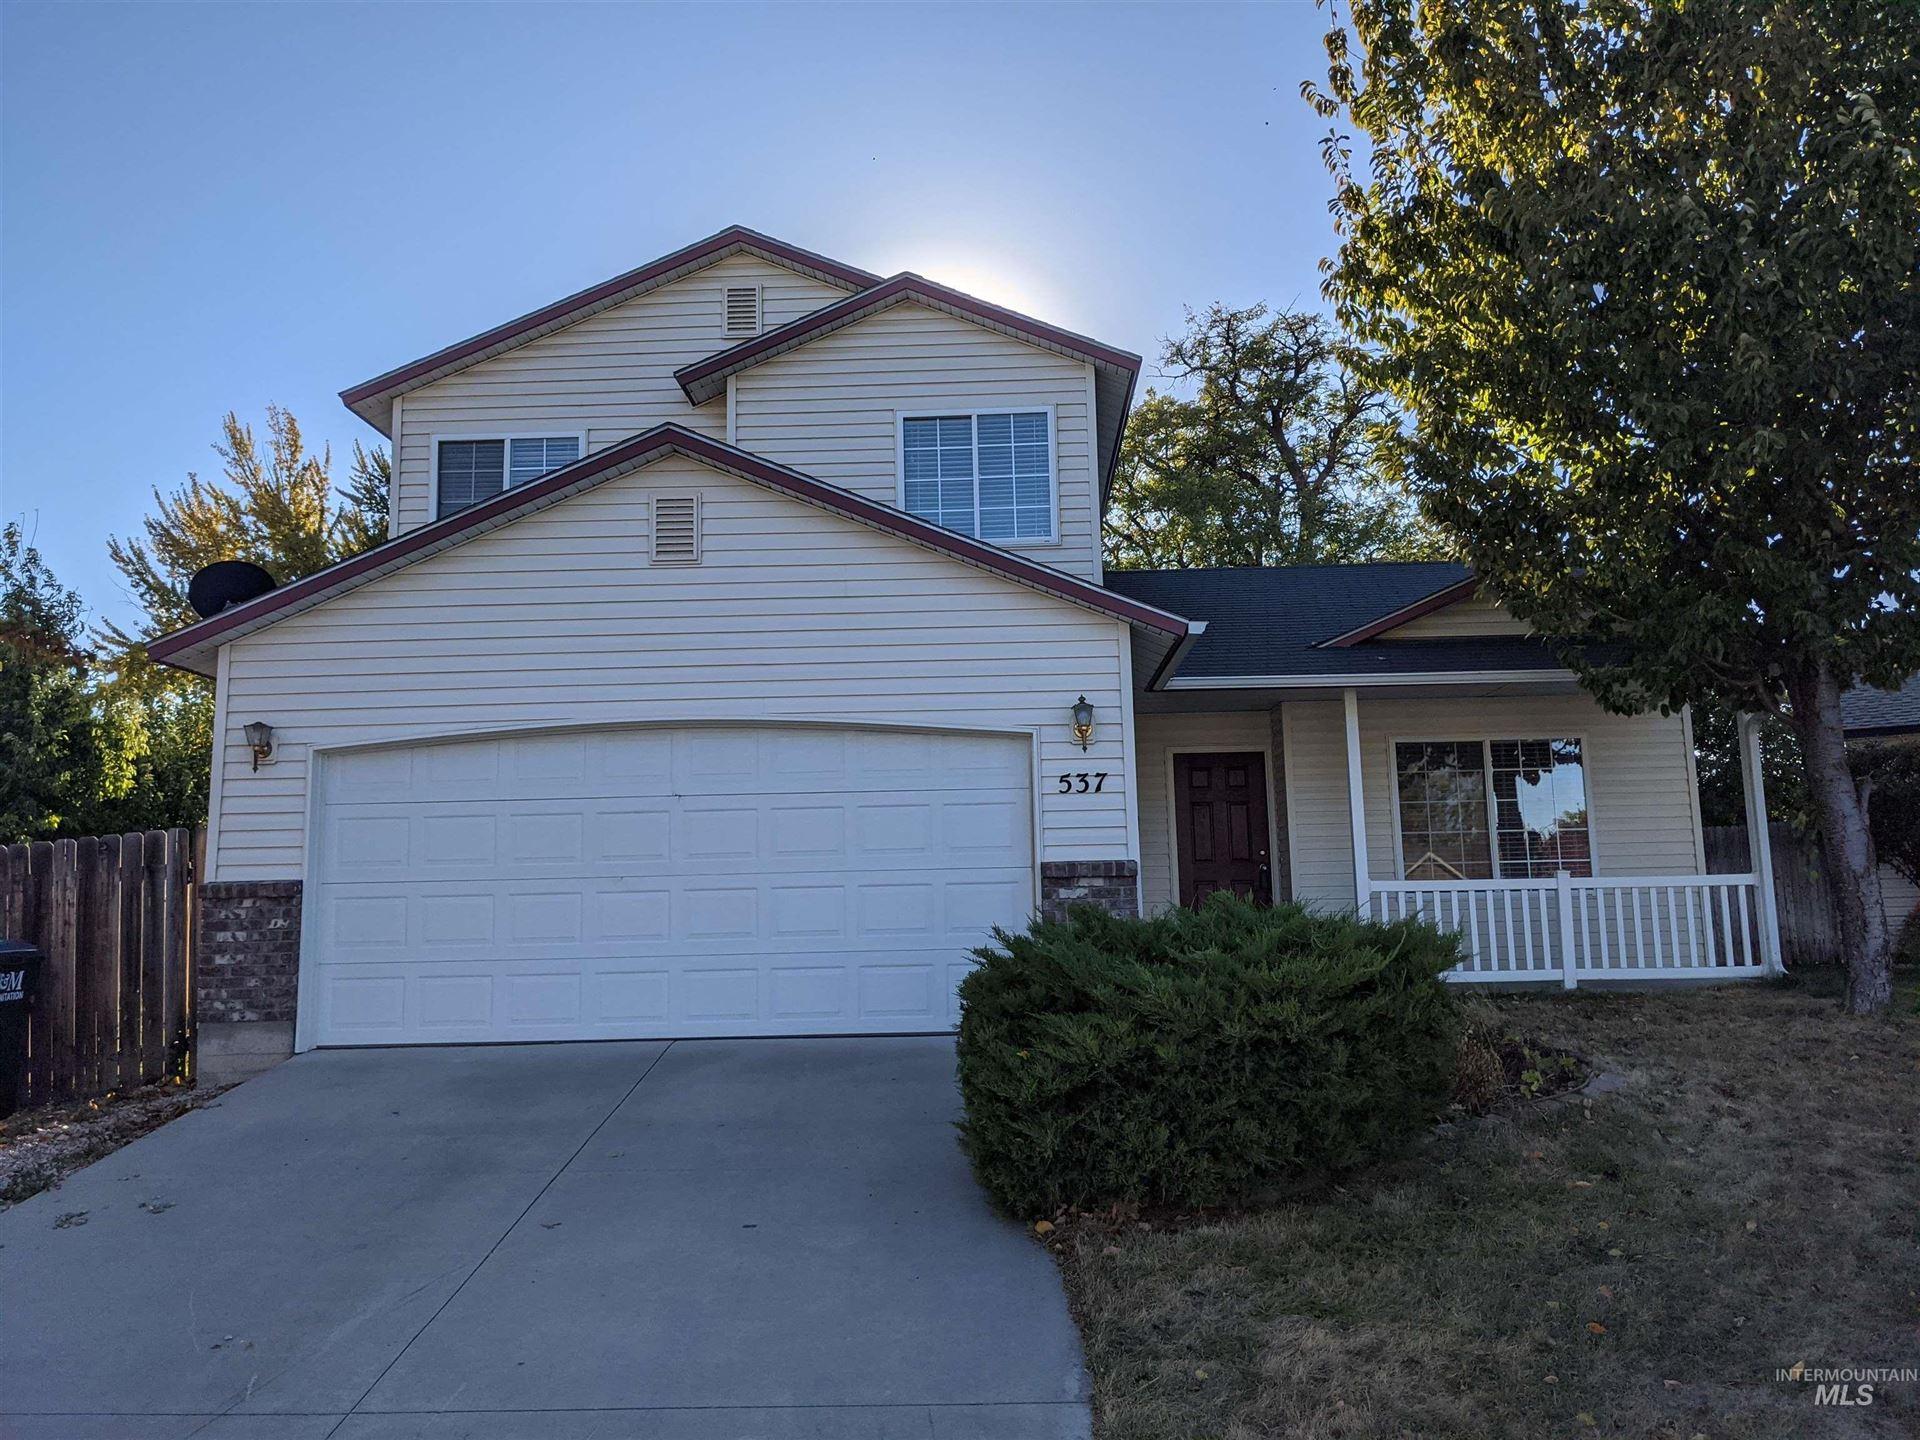 537 N Shady Grove Way, Kuna, ID 83634 - MLS#: 98820555